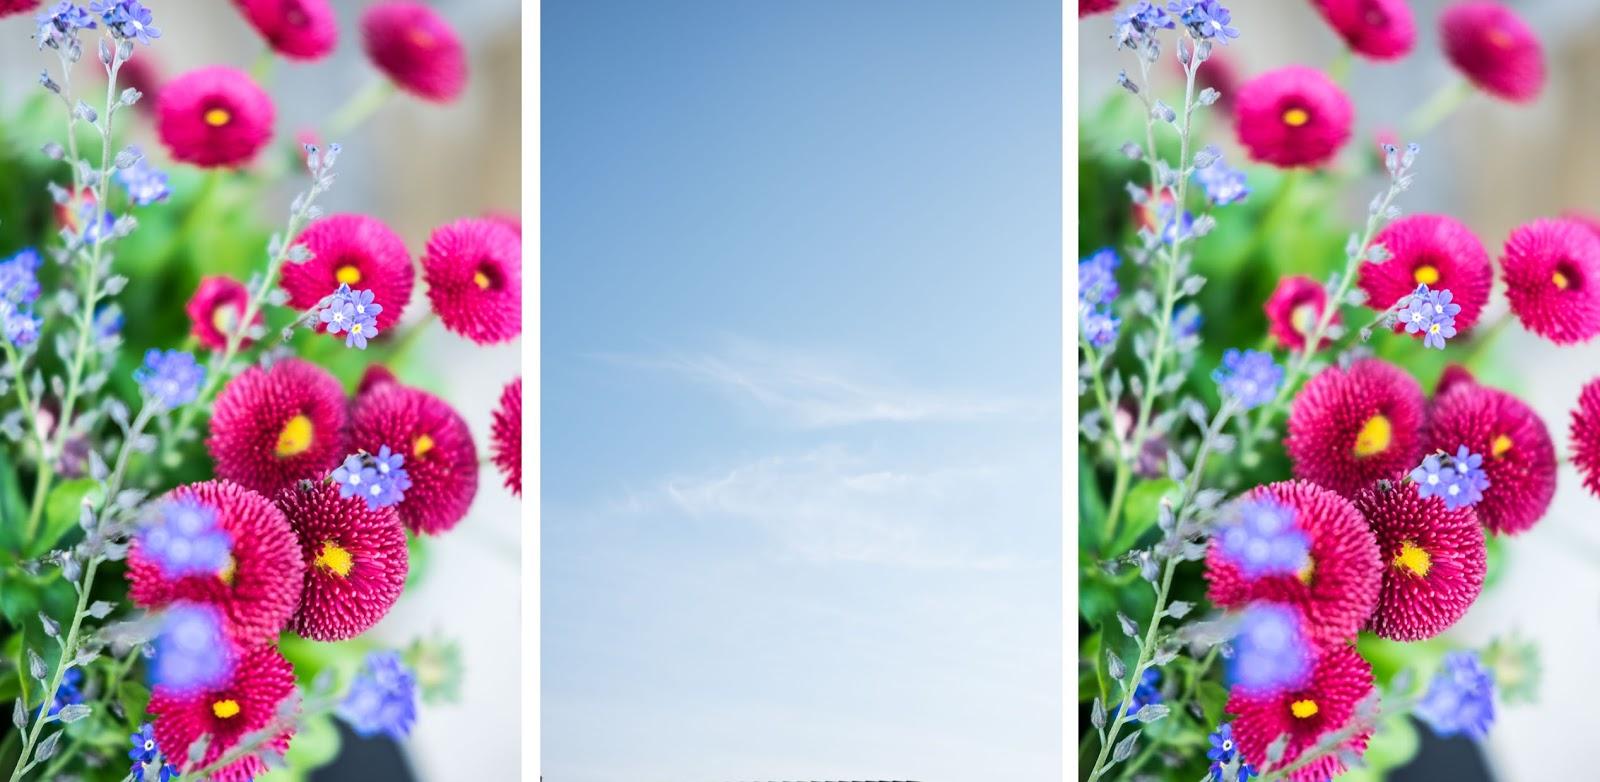 fim.works, ein Lifestyle Blog | Bellis, Vergissmeinnicht, strahlend blauer Himmel, Gartenblumen, Frühlingsblüher